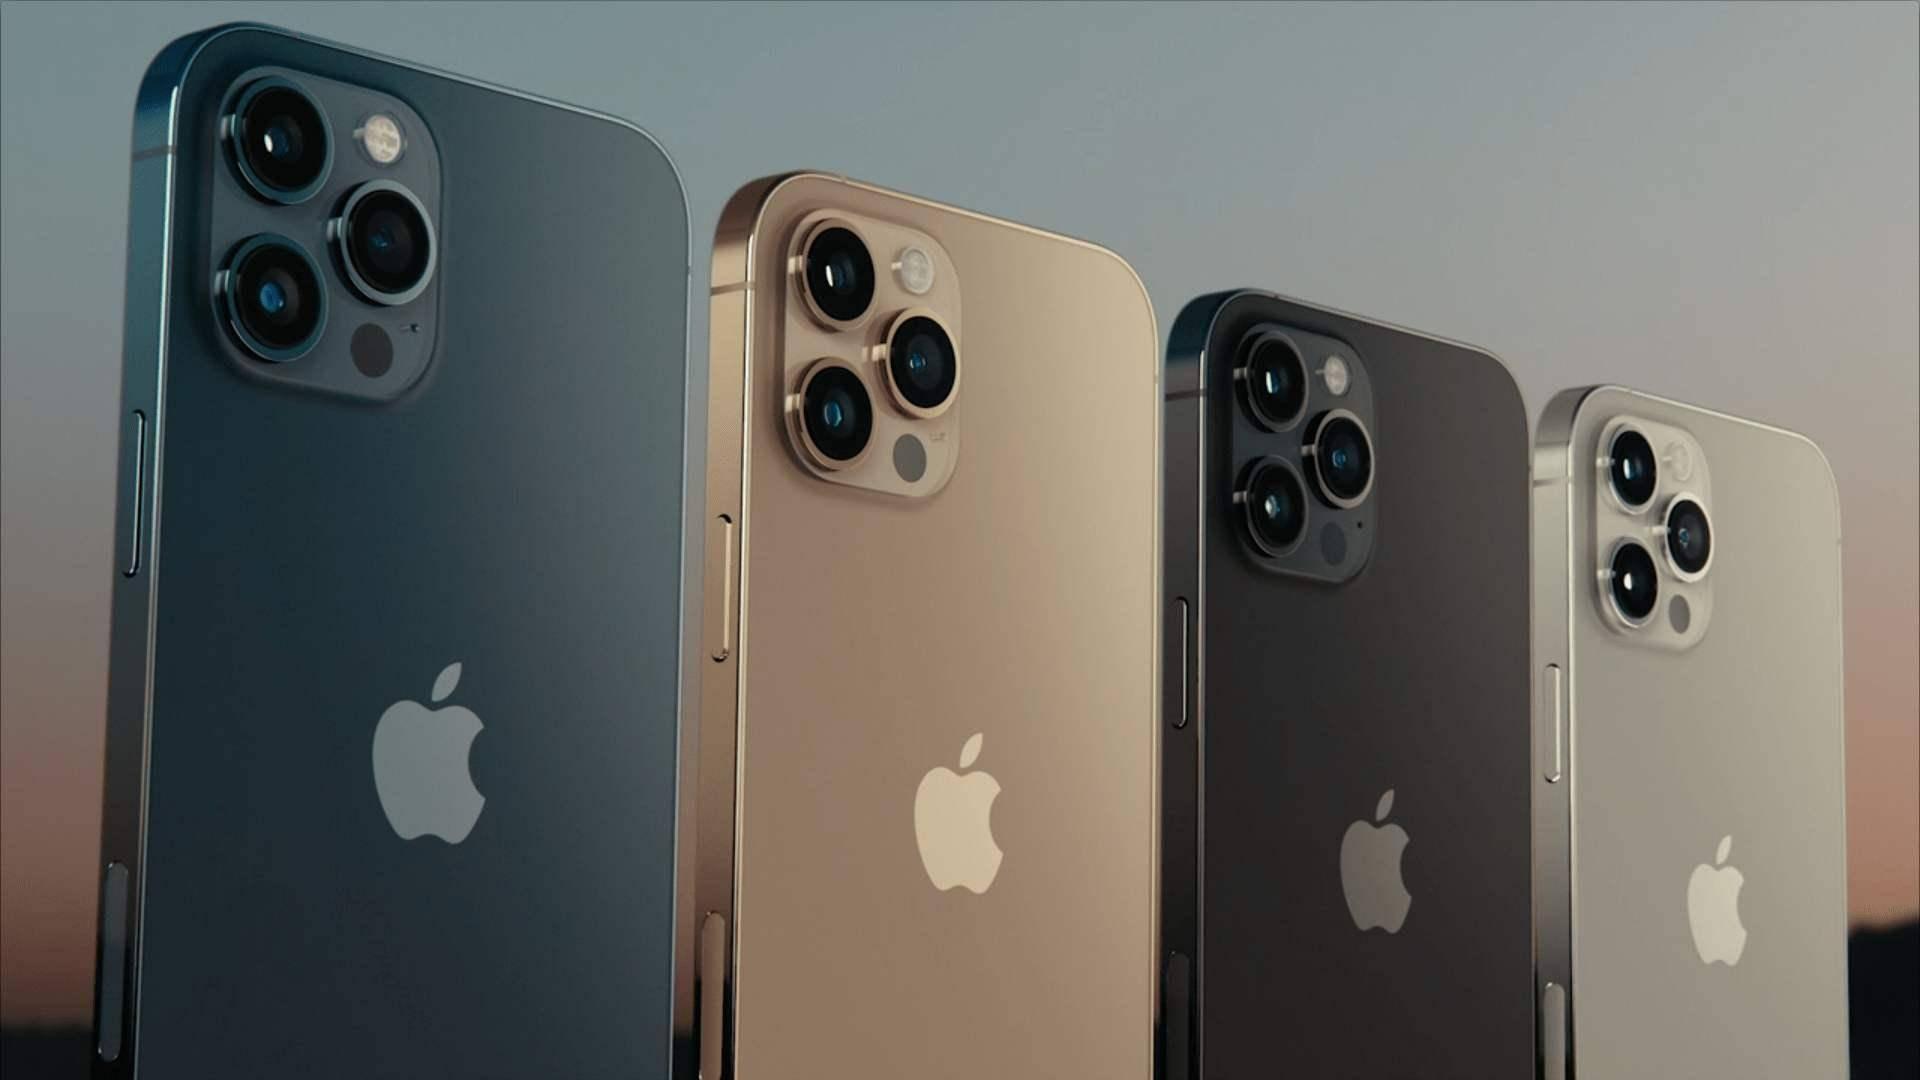 每台iPhone12最高罚款40万?库克做出大动作